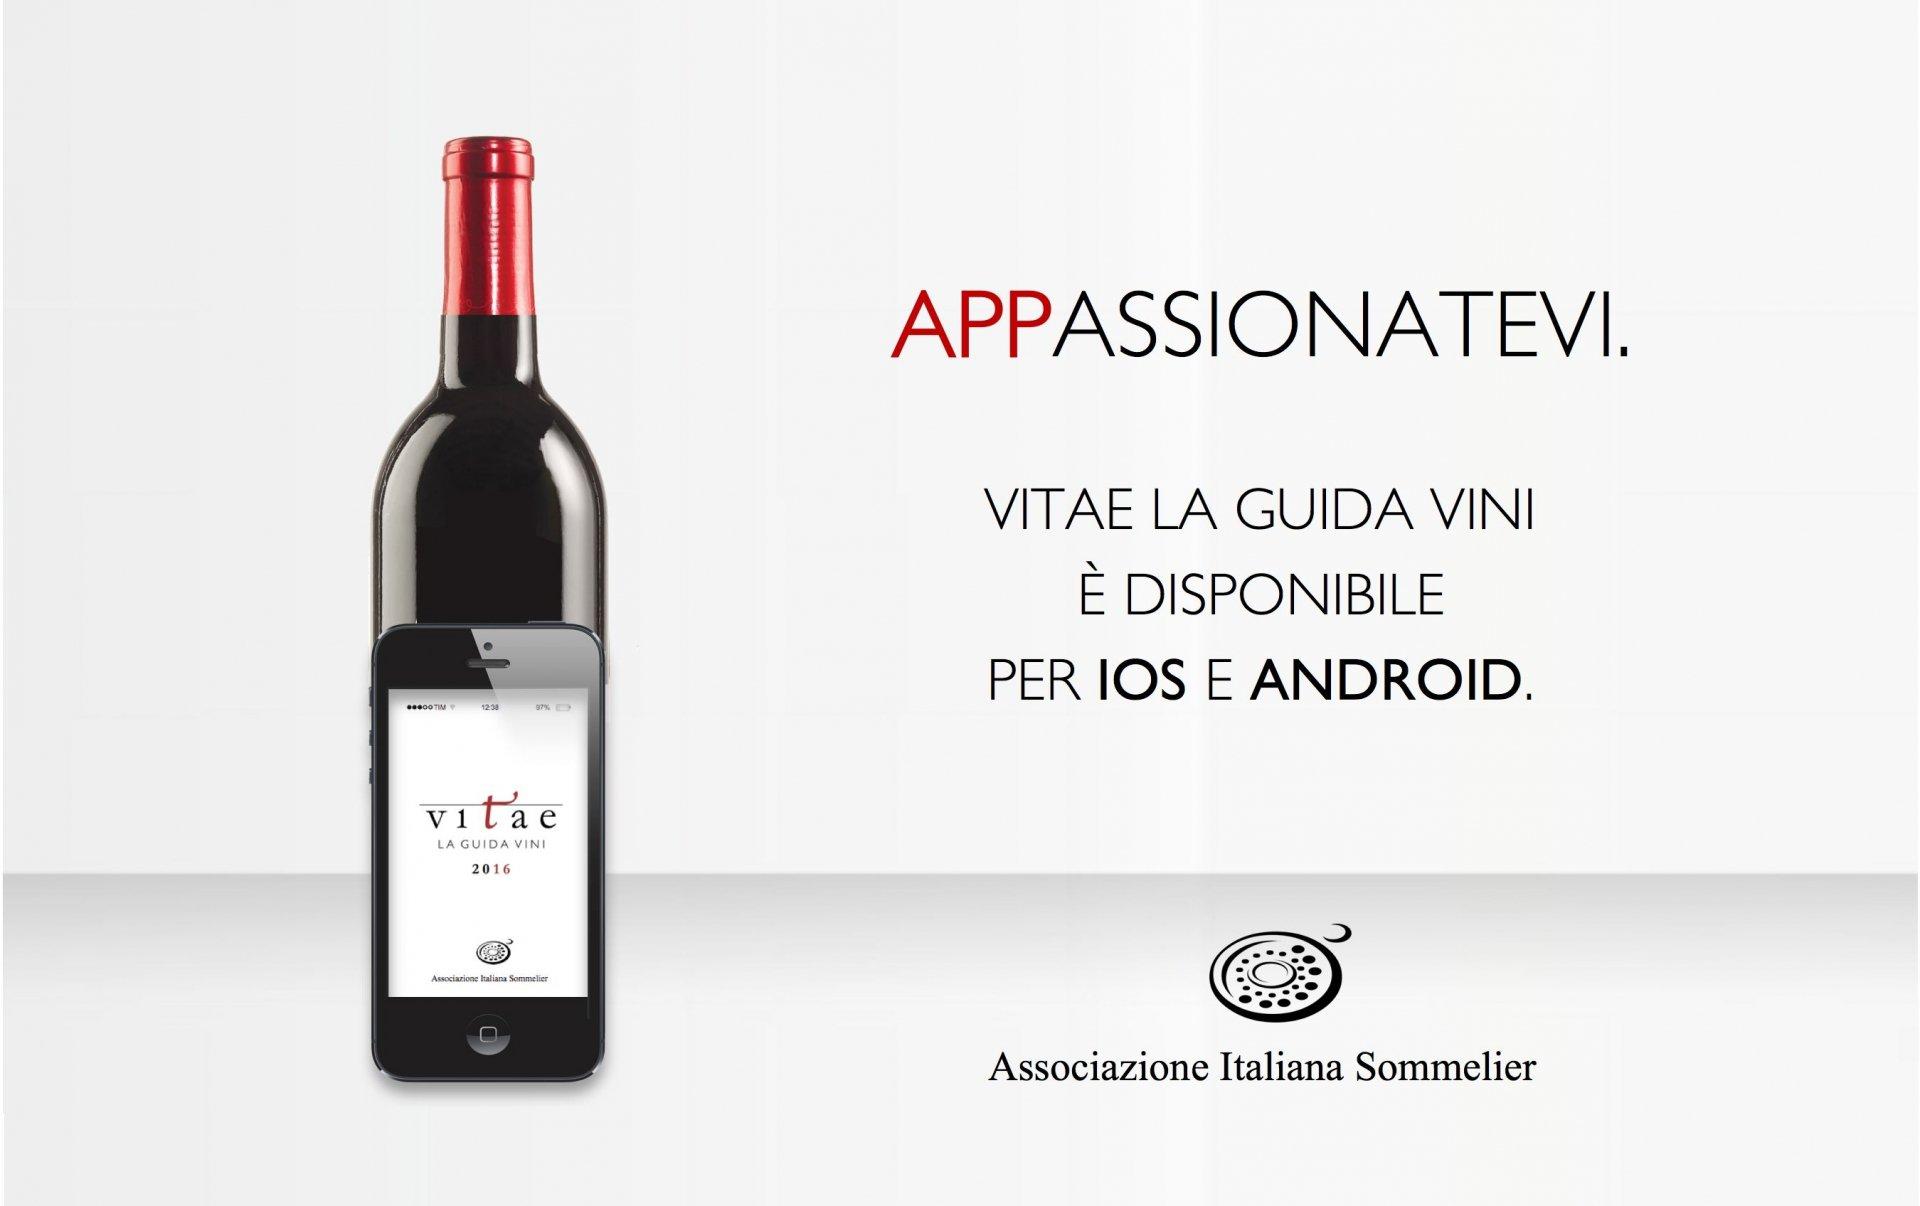 Vitae, la Guida Vini dell'Associazione Italiana Sommelier in versione digitale tra le App più vendute